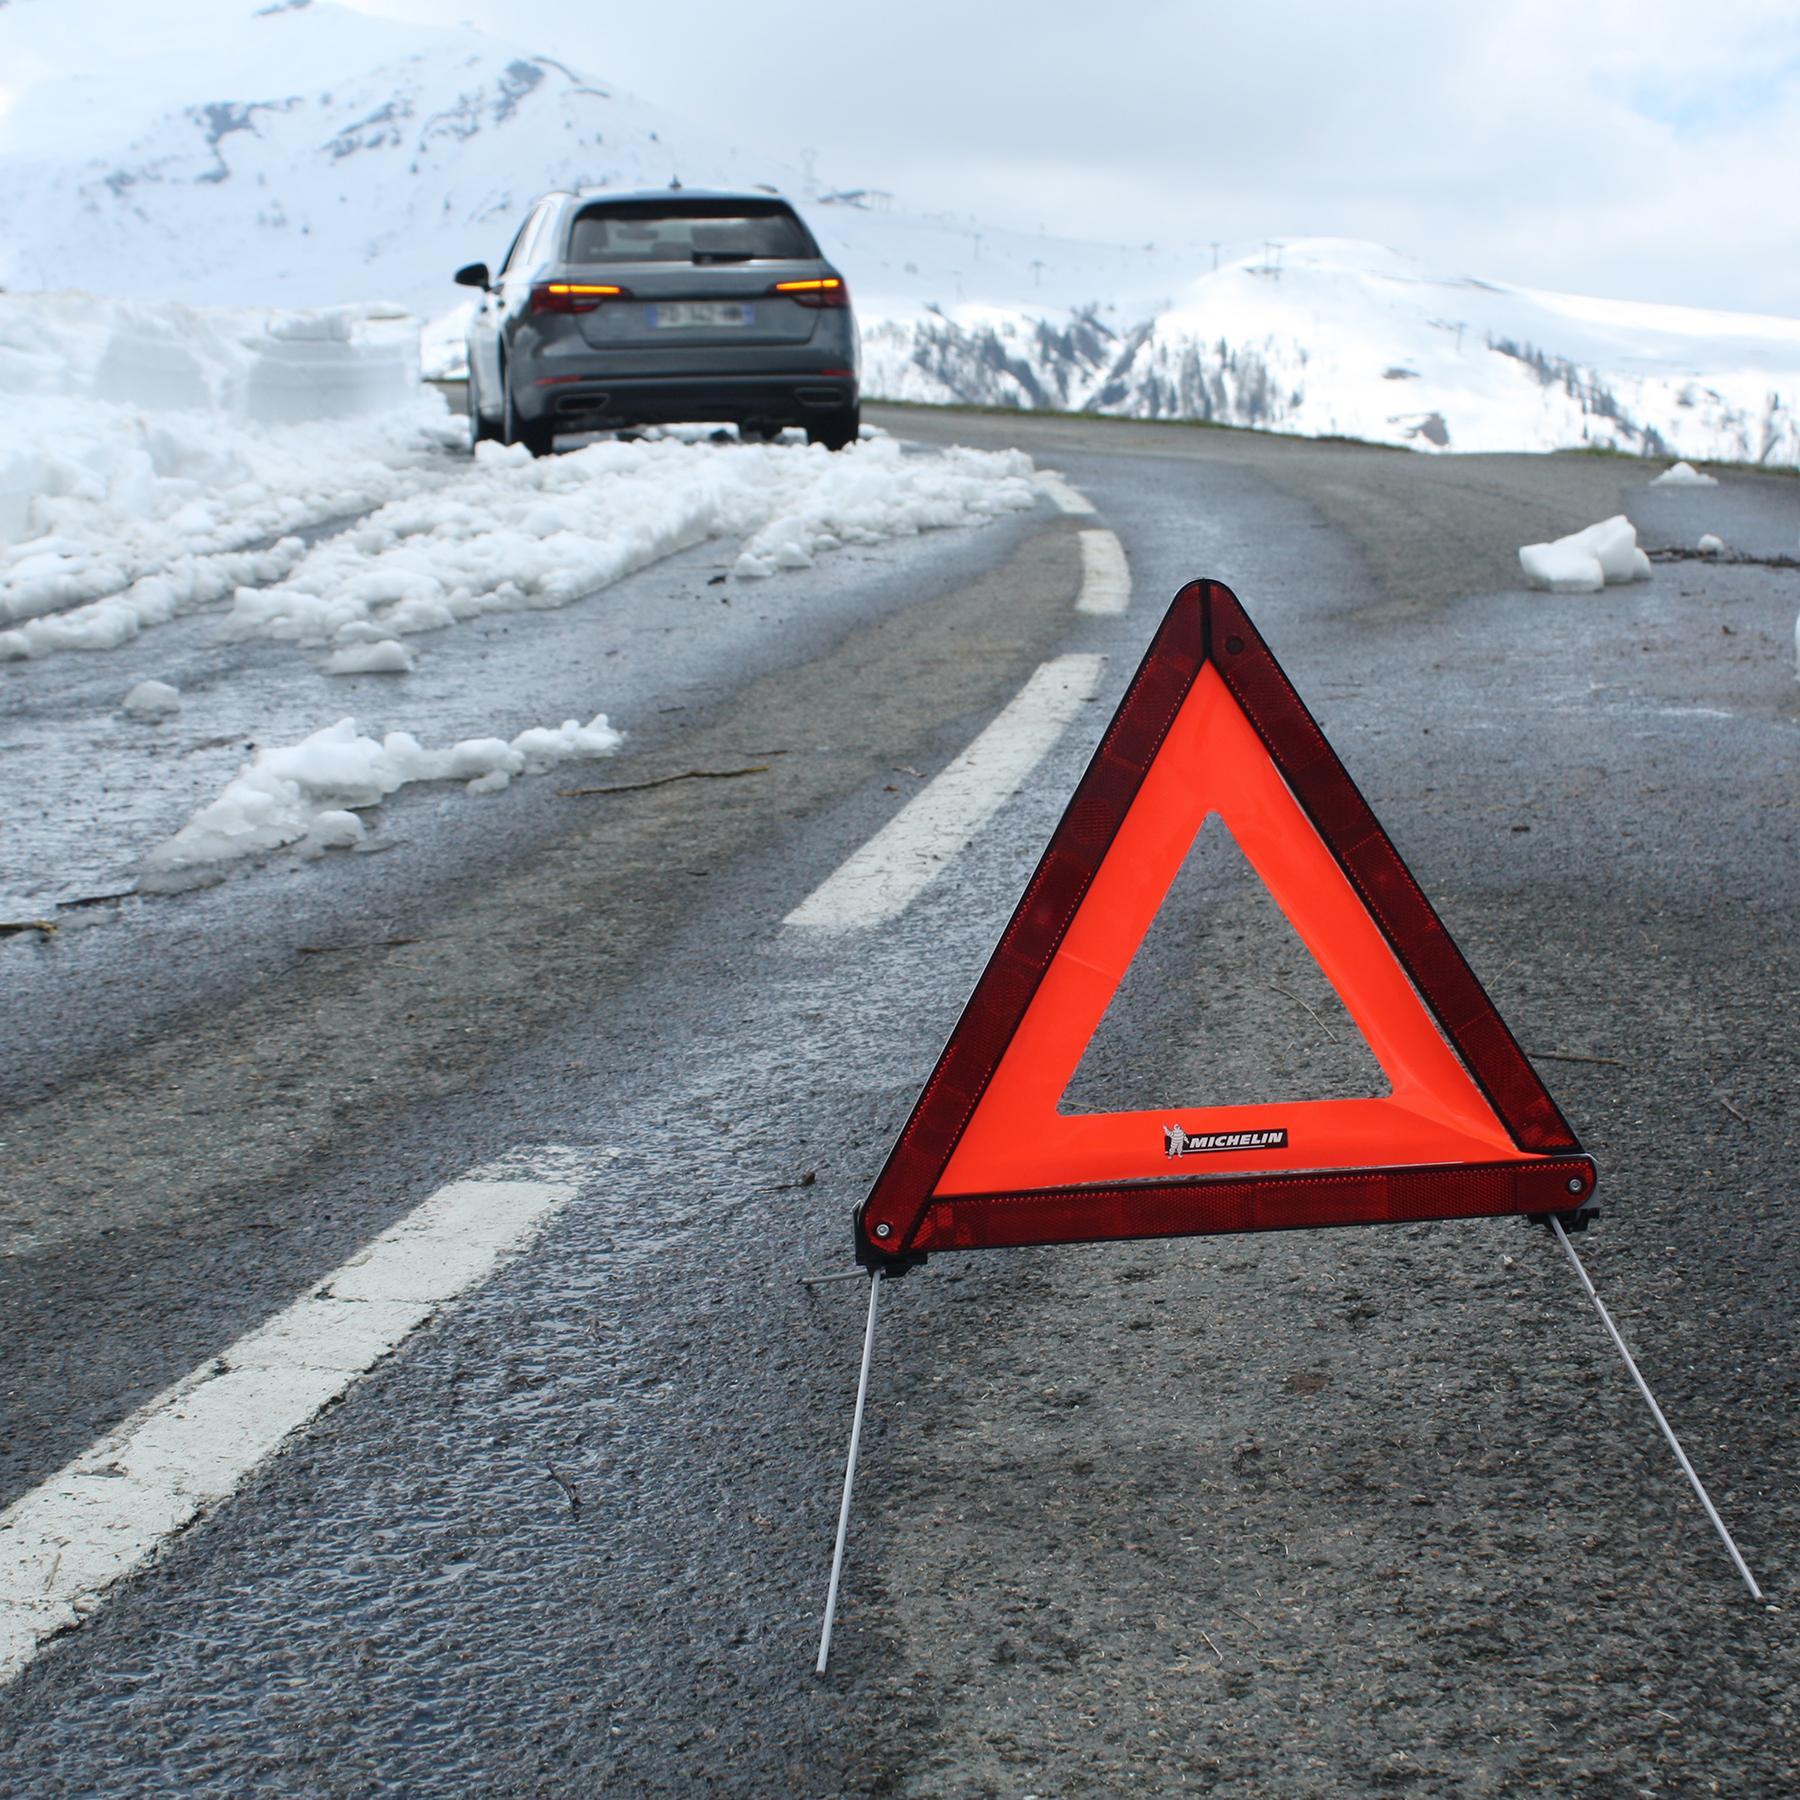 Trójkąt ostrzegawczy Michelin 009535 oceny